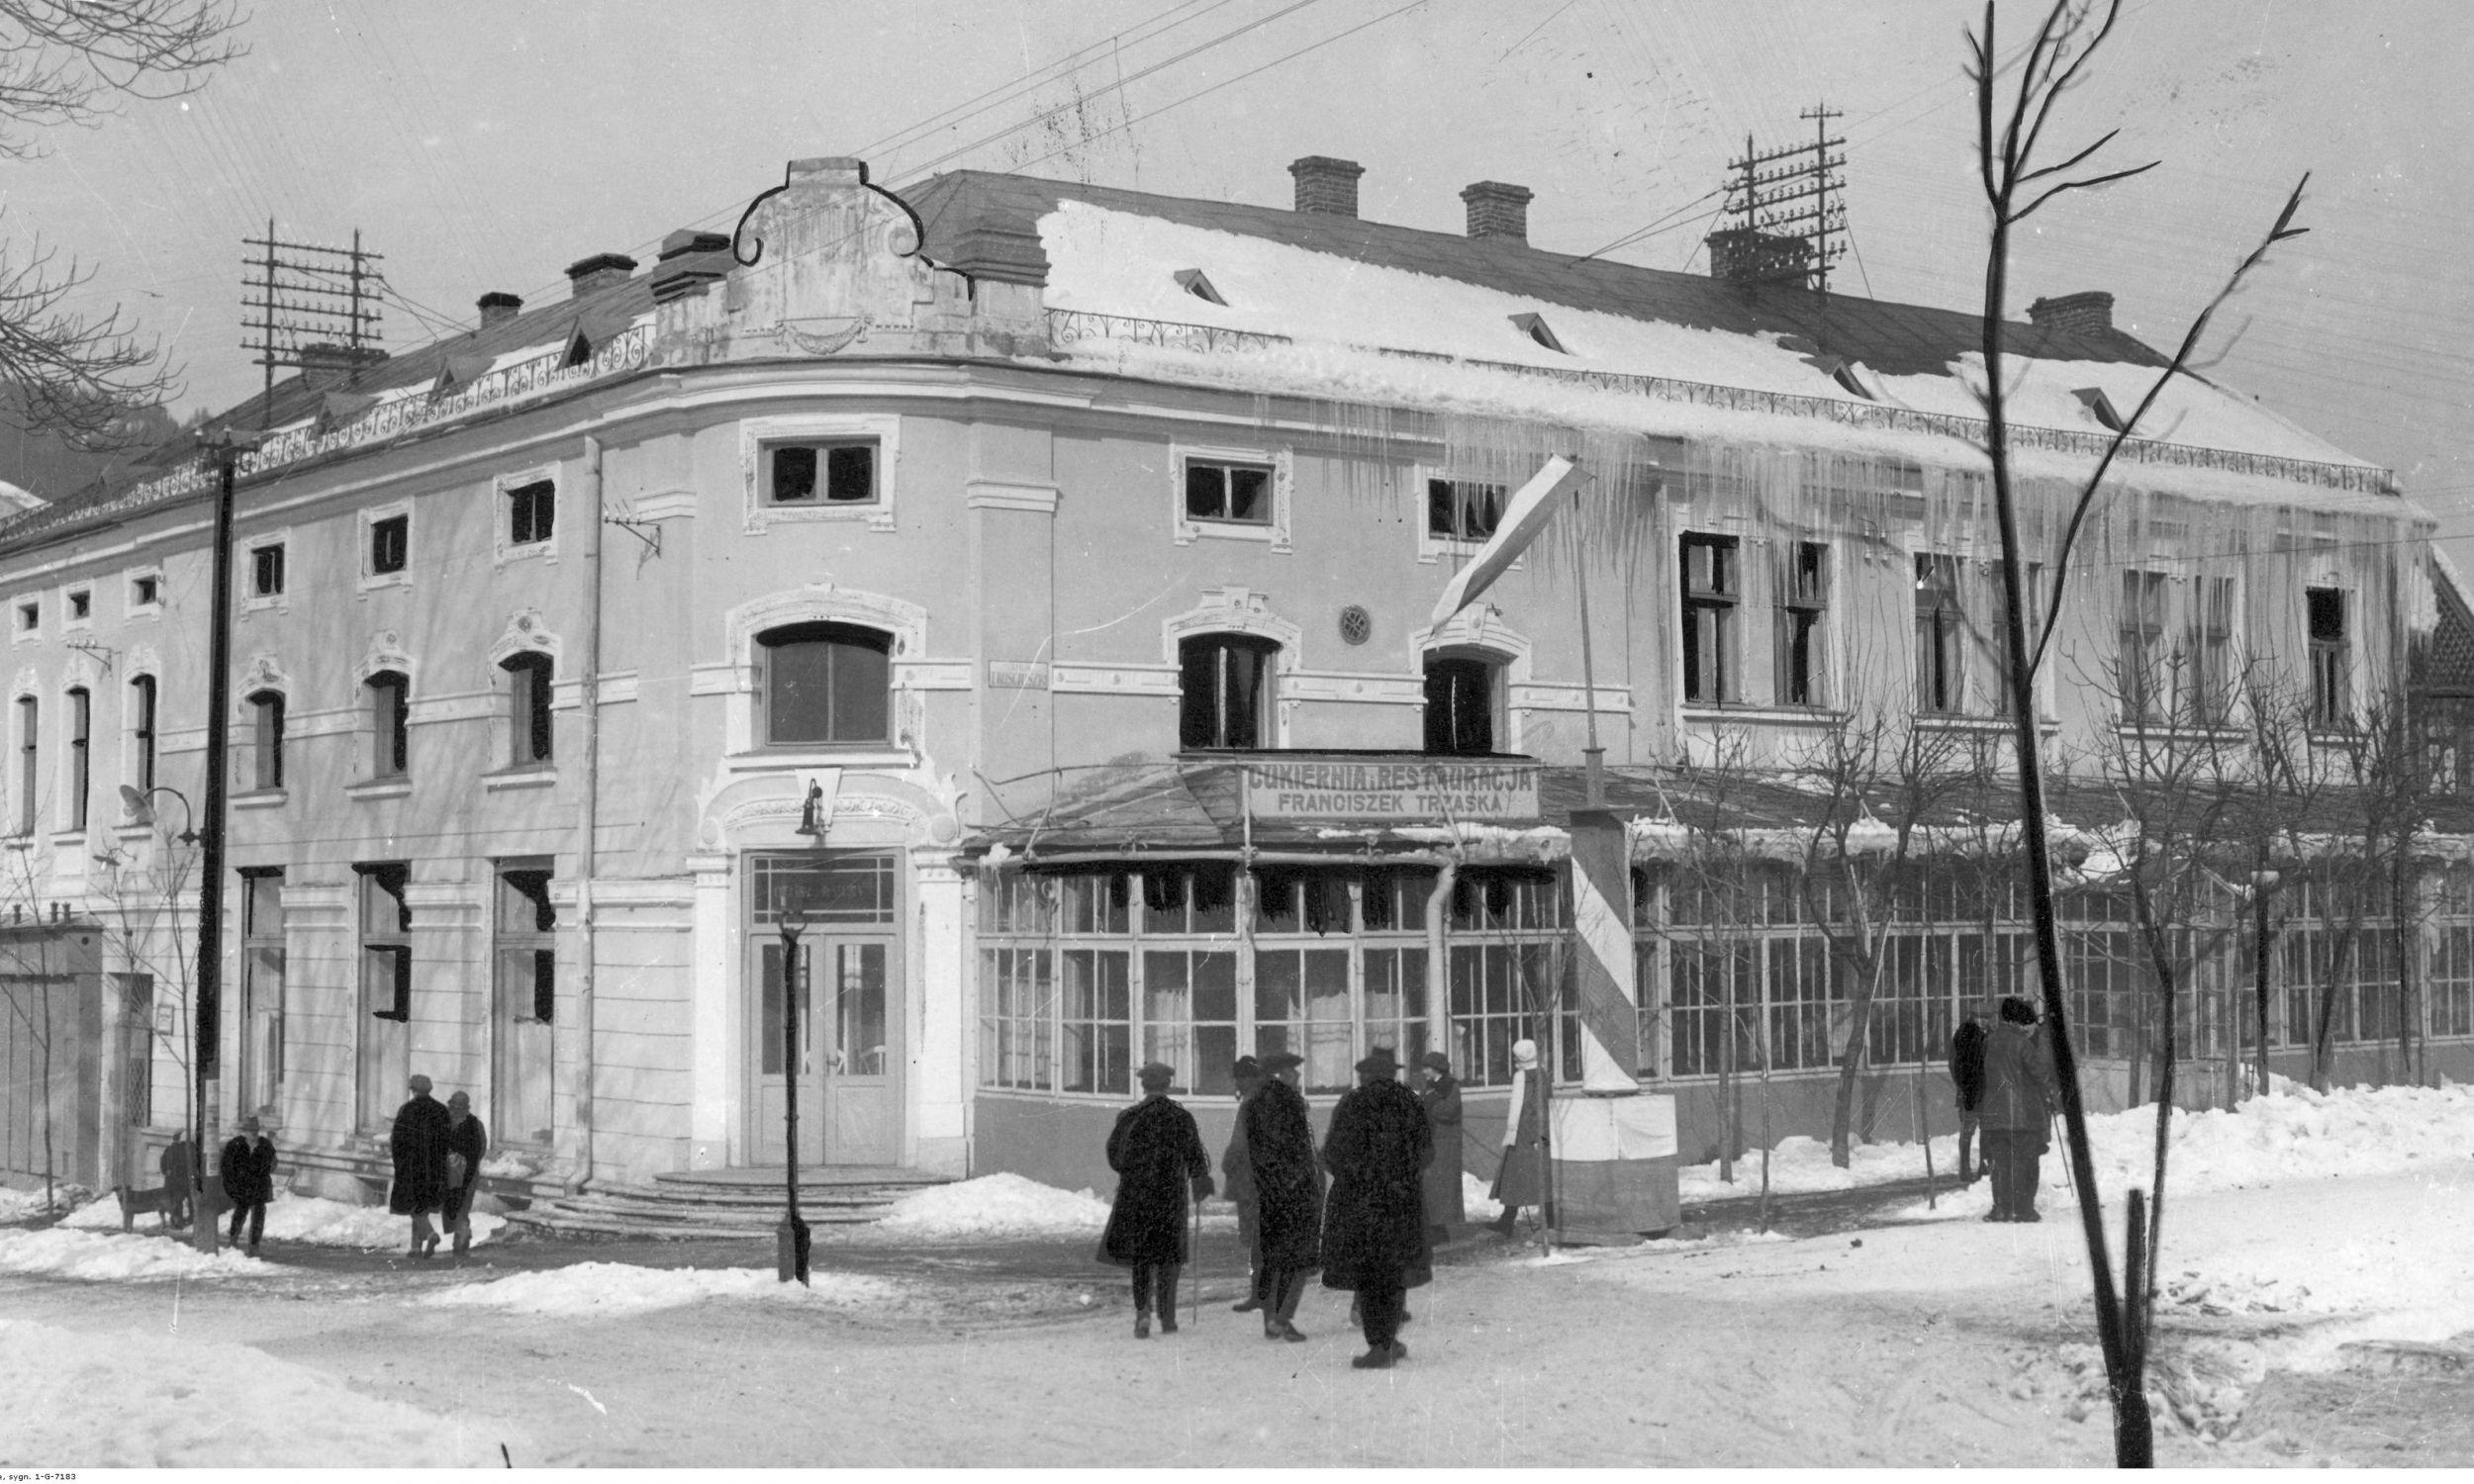 Cukiernia i restauracja Franciszka Trzaski w Zakopanem. Fot. NAC/IKC, sygn. 1-G-7183